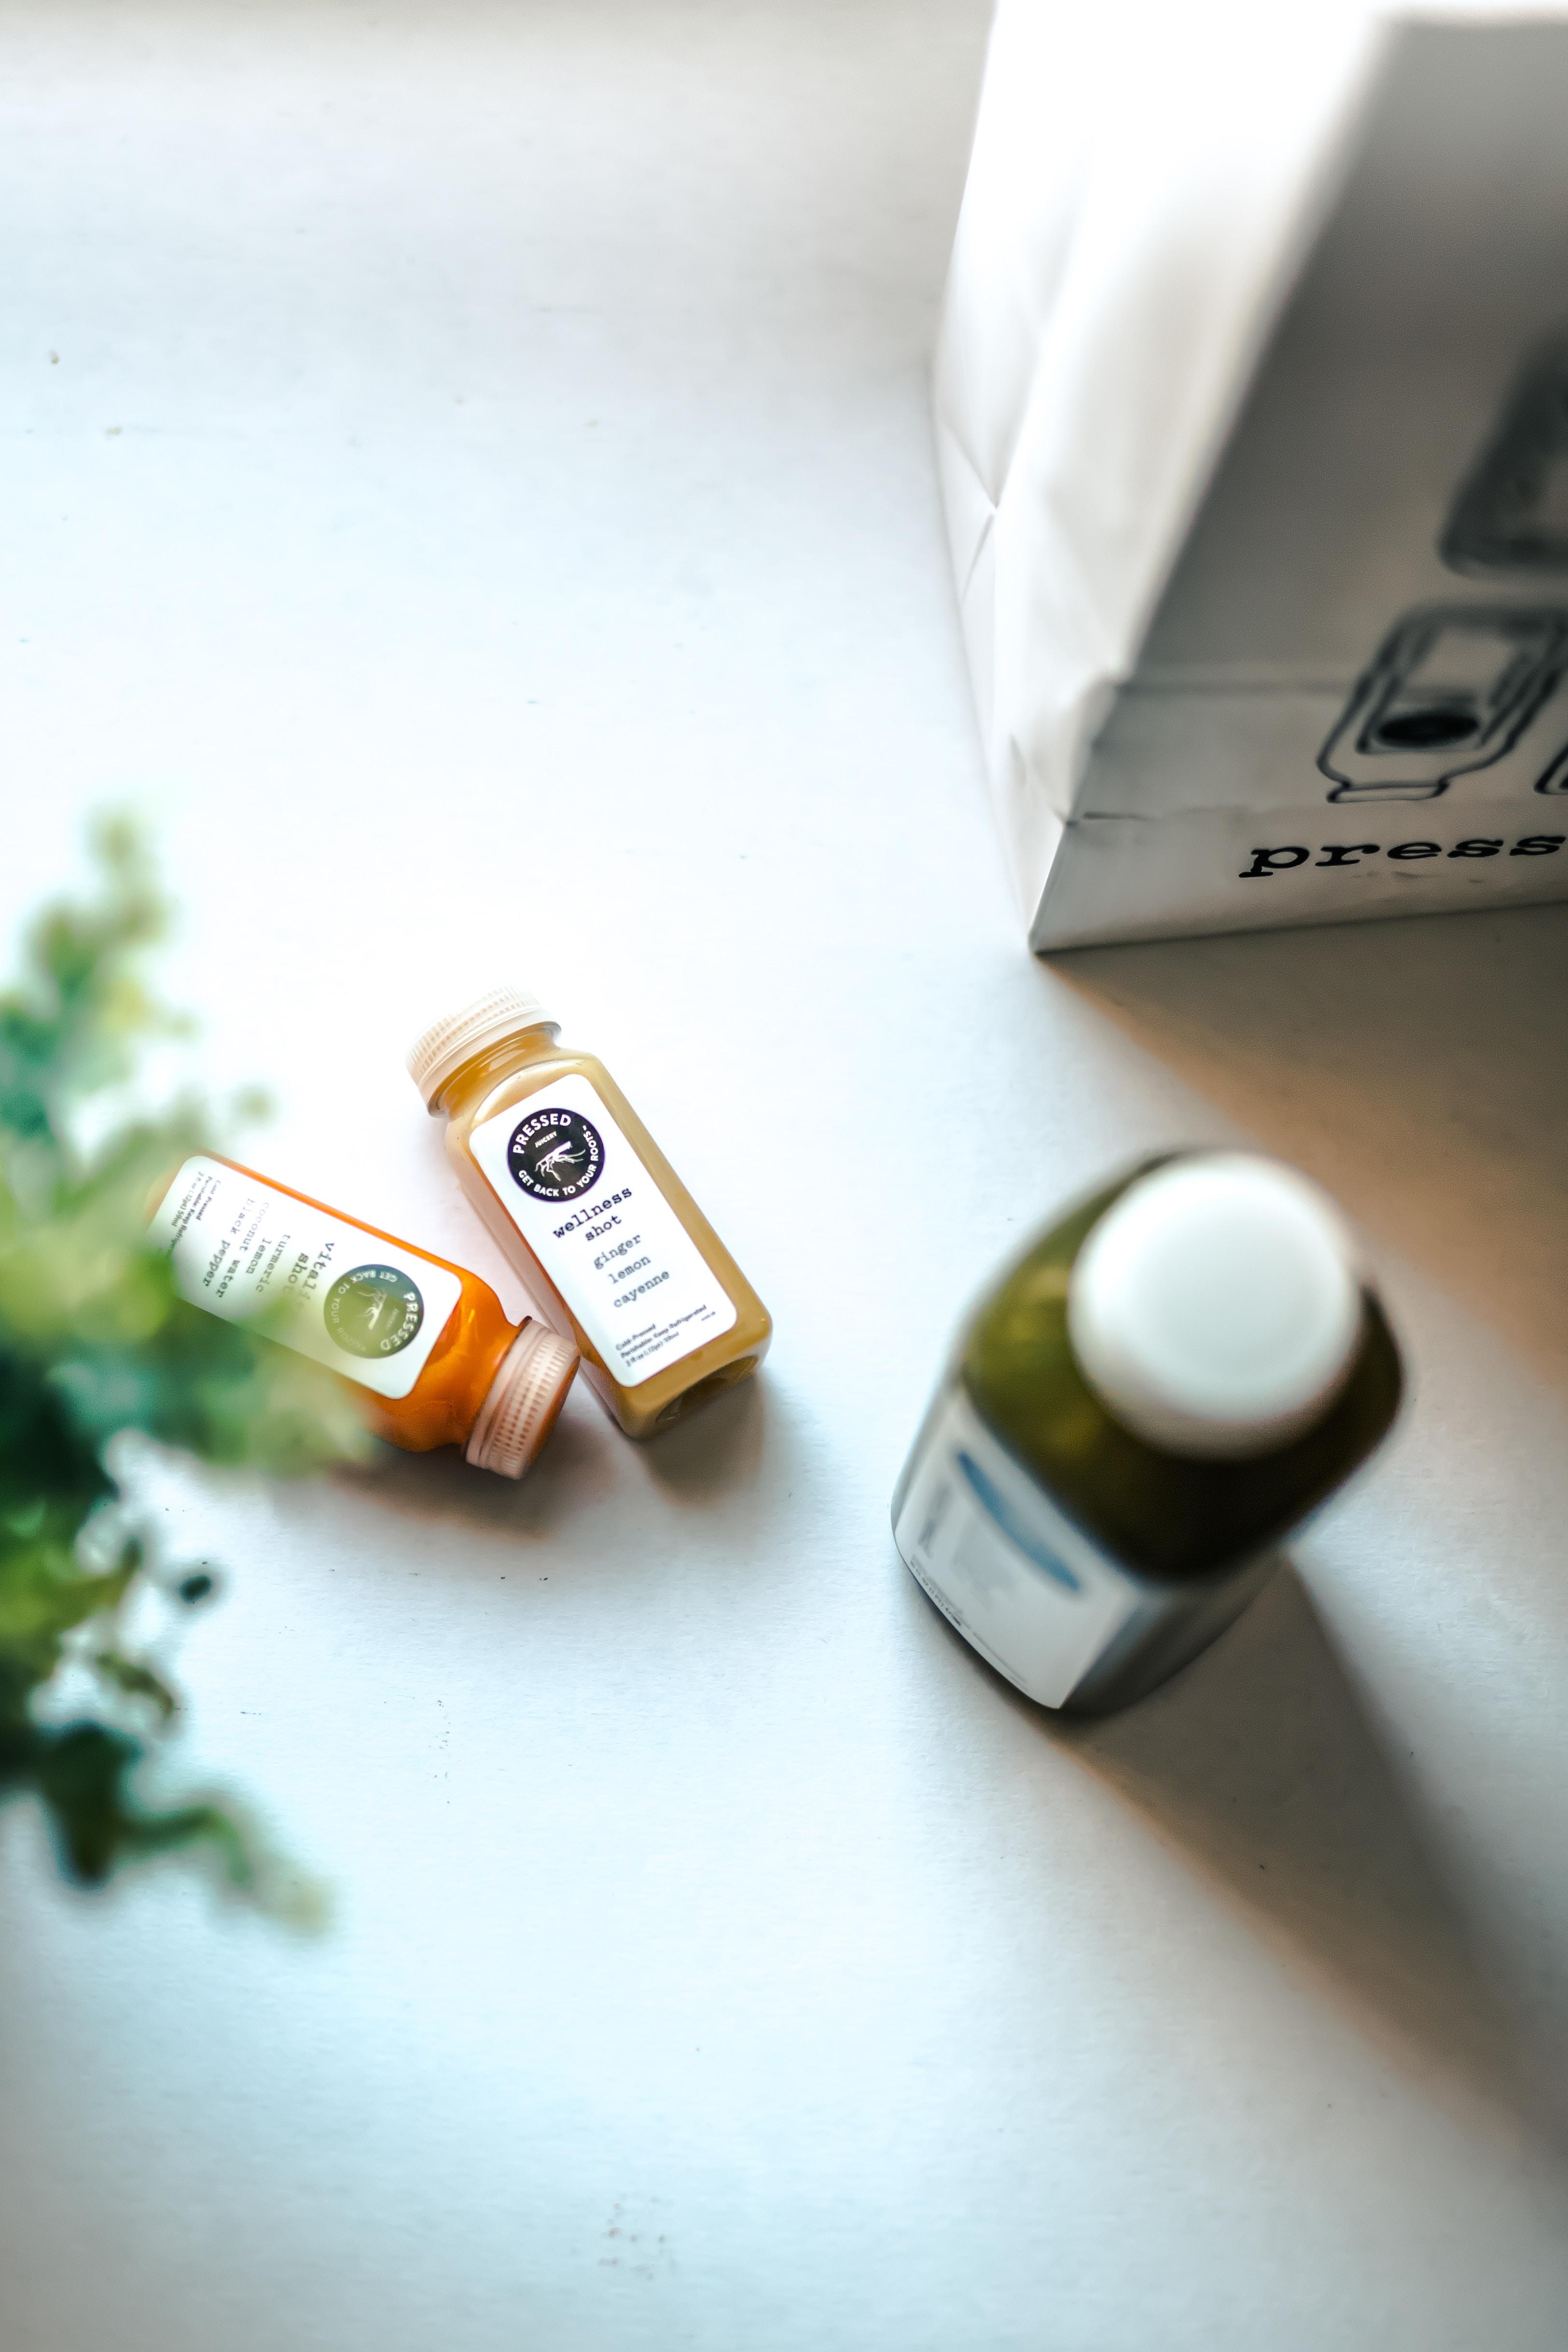 Naturmedicin er værd at prøve | Inspiration igennem artikler